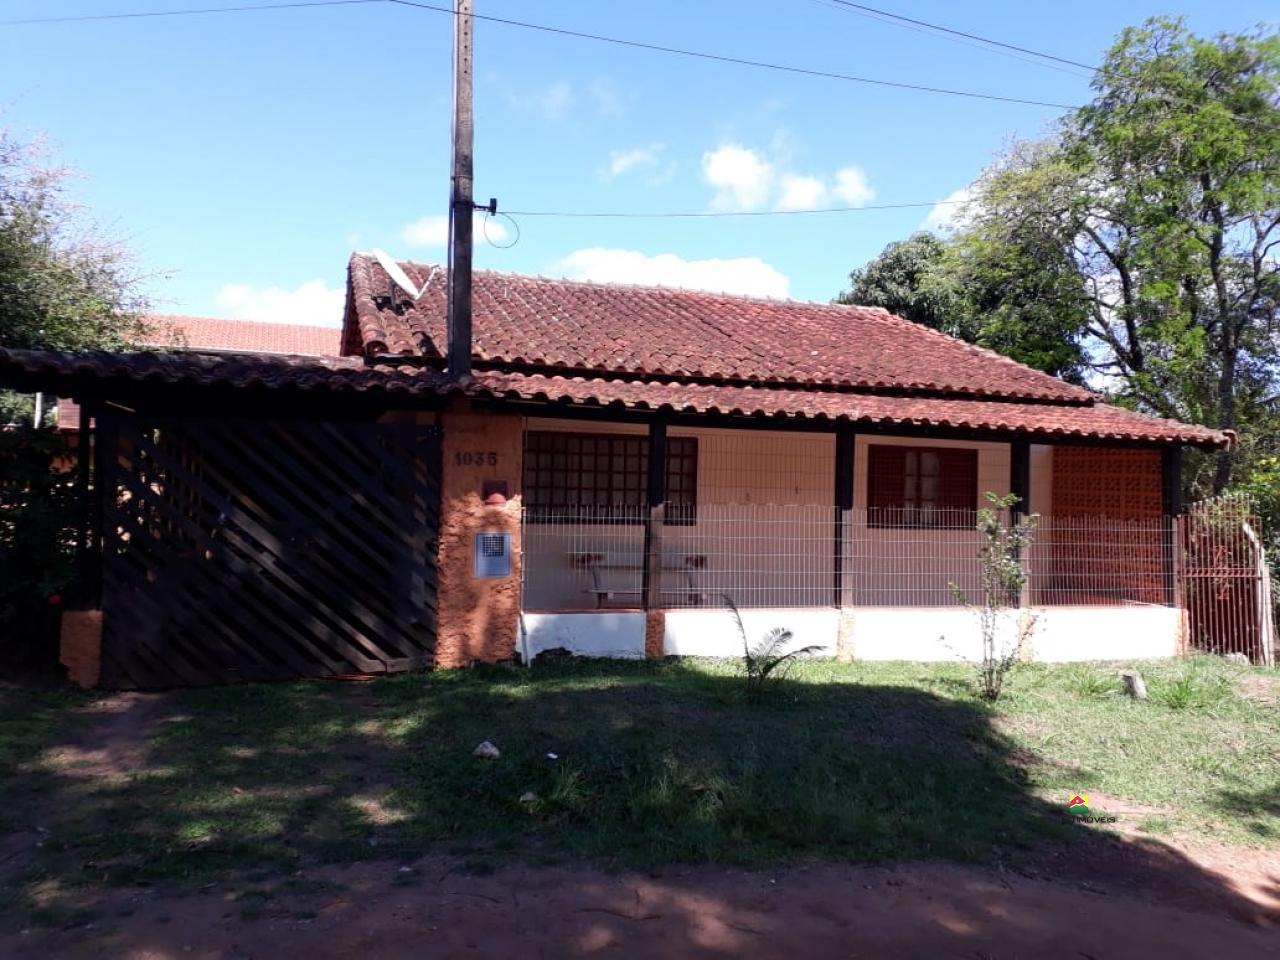 http://www2.sgn2.com.br/clientes/itirapina/vda/v2020a.jpg